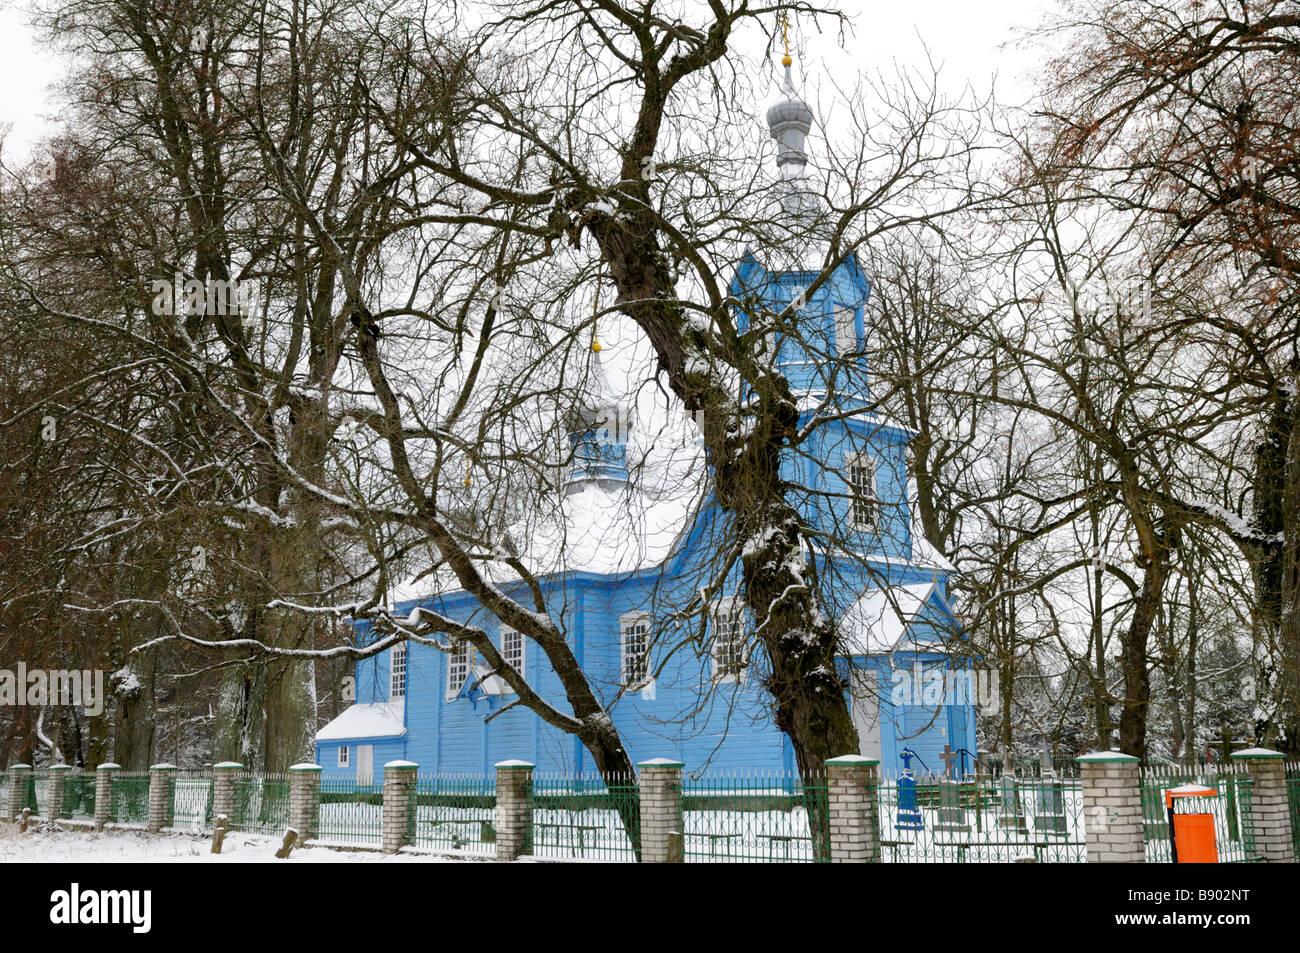 Orthodox church, Werstok, Podlaskie Voivodeship, Poland - Stock Image